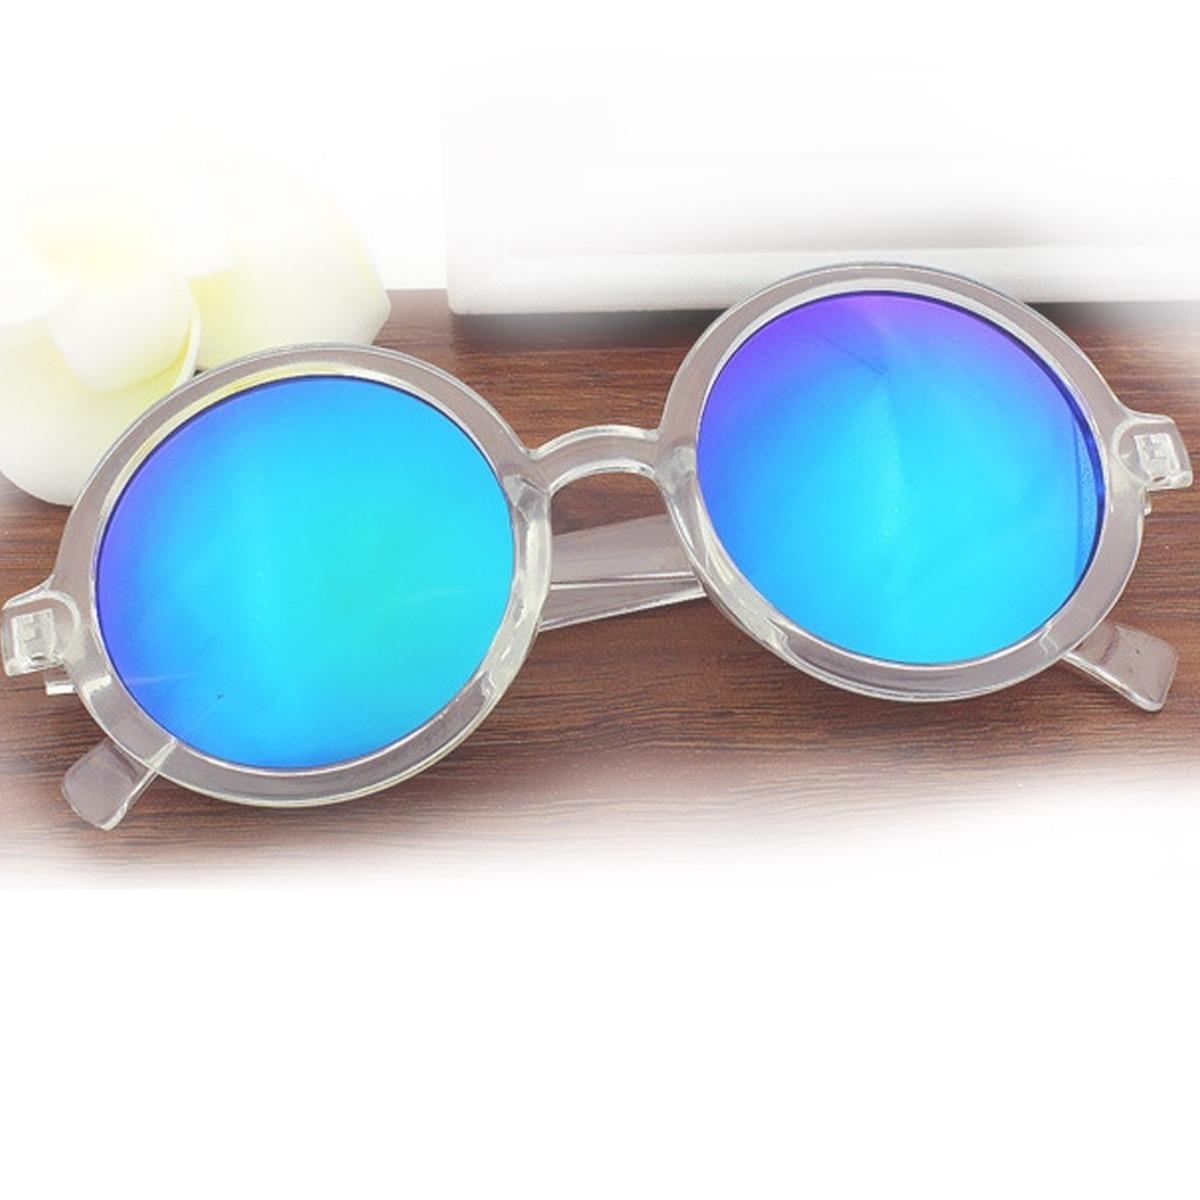 óculos de sol feminino retro vintage espelhado uv + brinde. Carregando zoom. 85a3a1c243